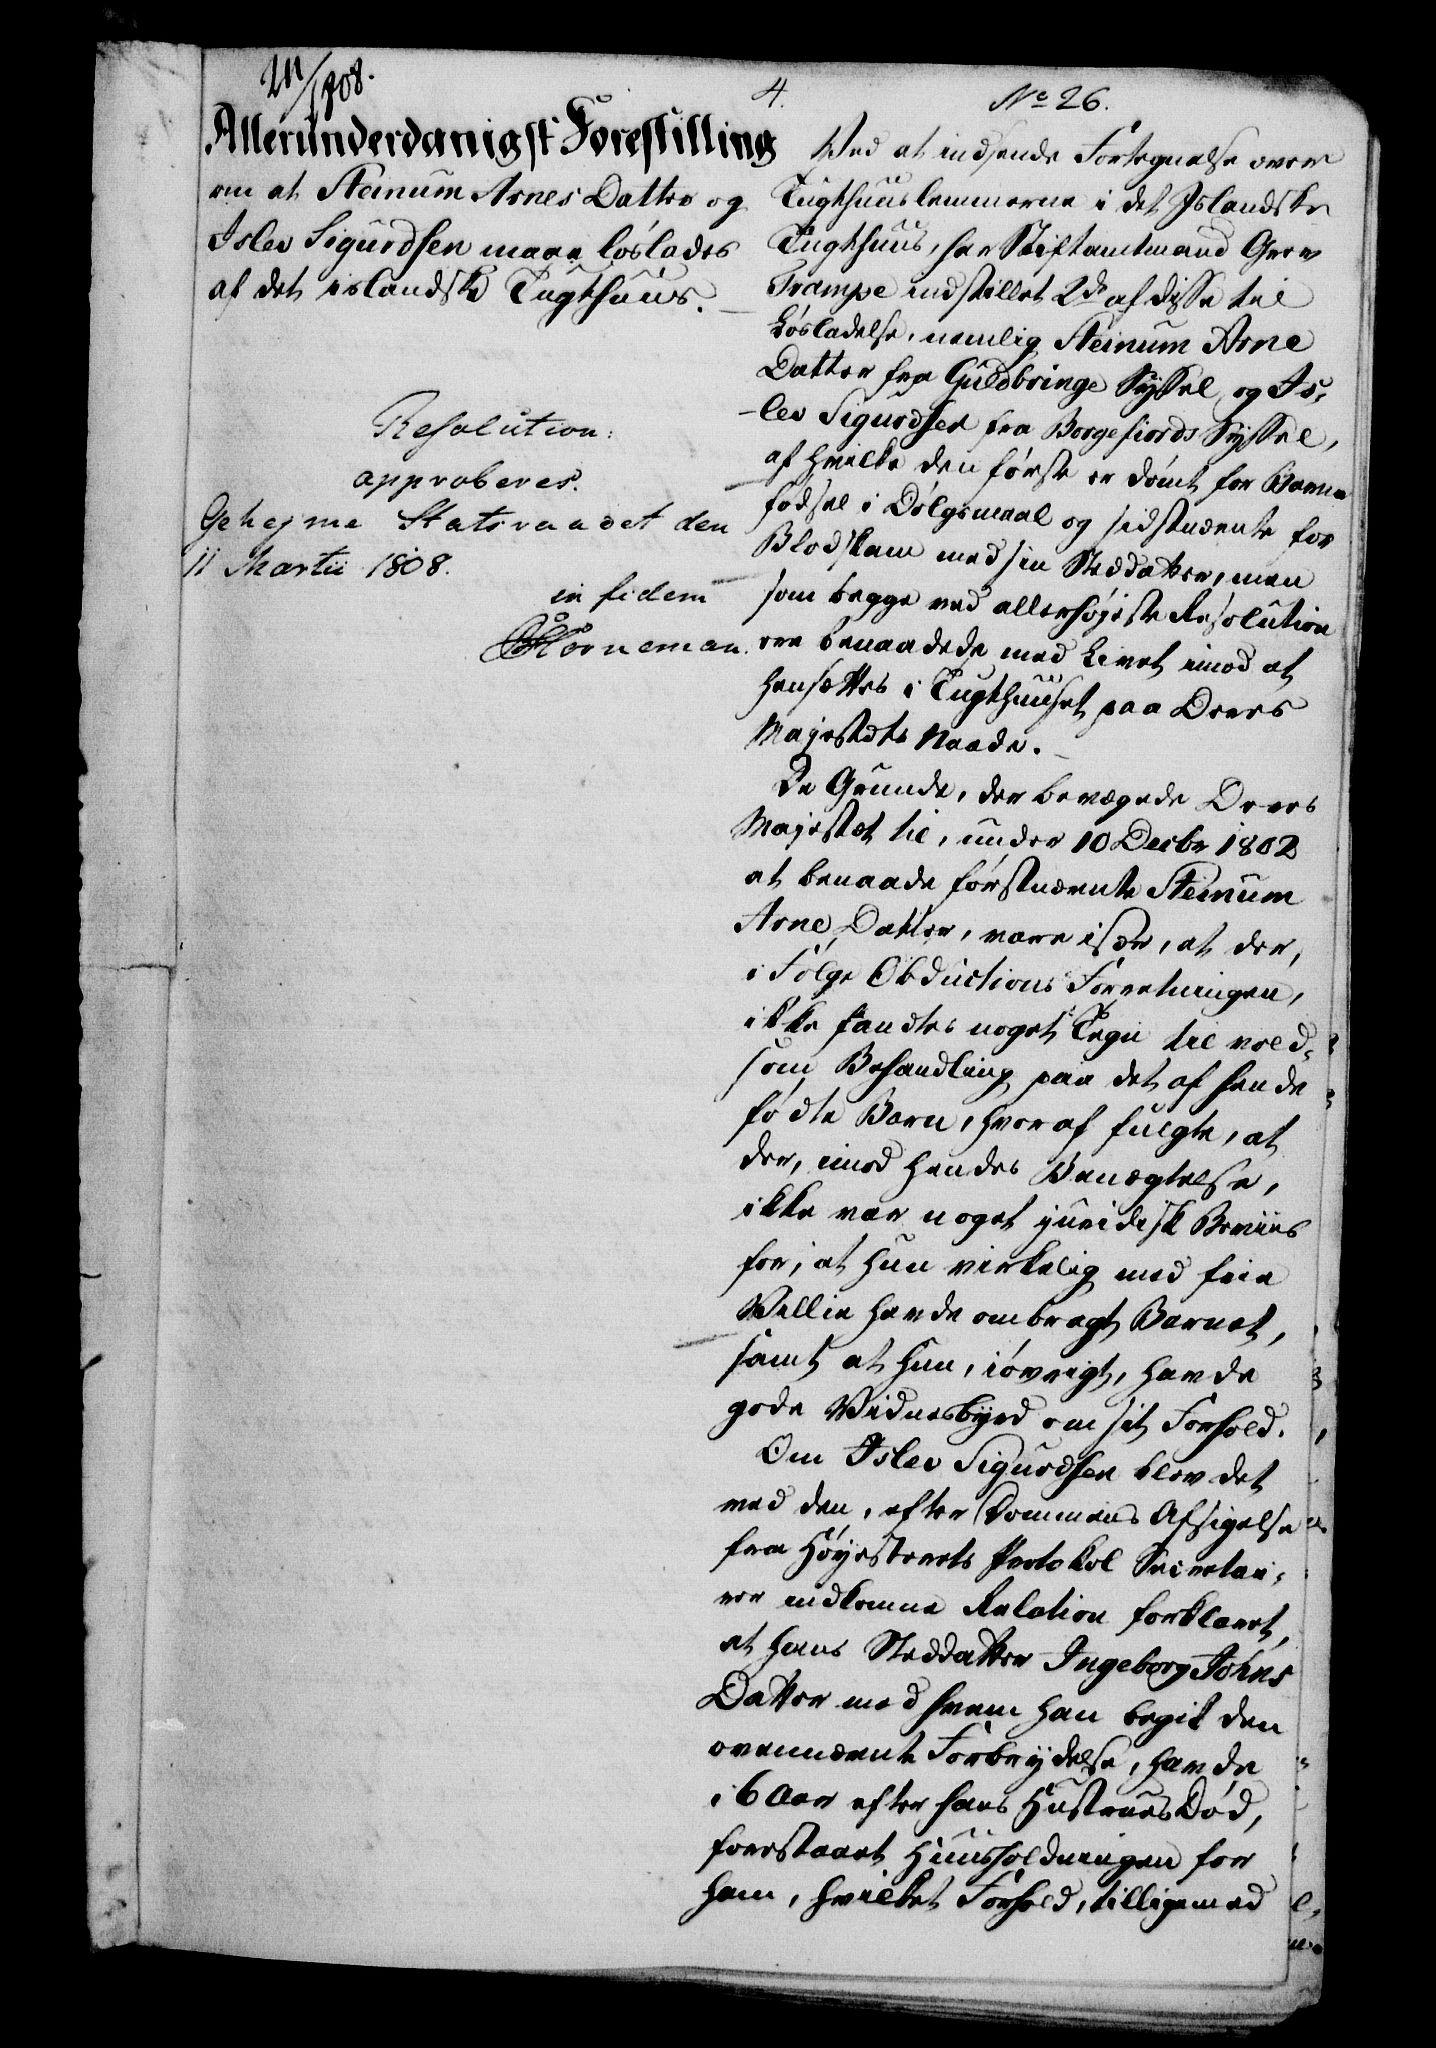 RA, Danske Kanselli 1800-1814, H/Hf/Hfa/Hfab/L0009: Forestillinger, Kanselliets avdeling i Kolding og Rendsborg, 1808-1809